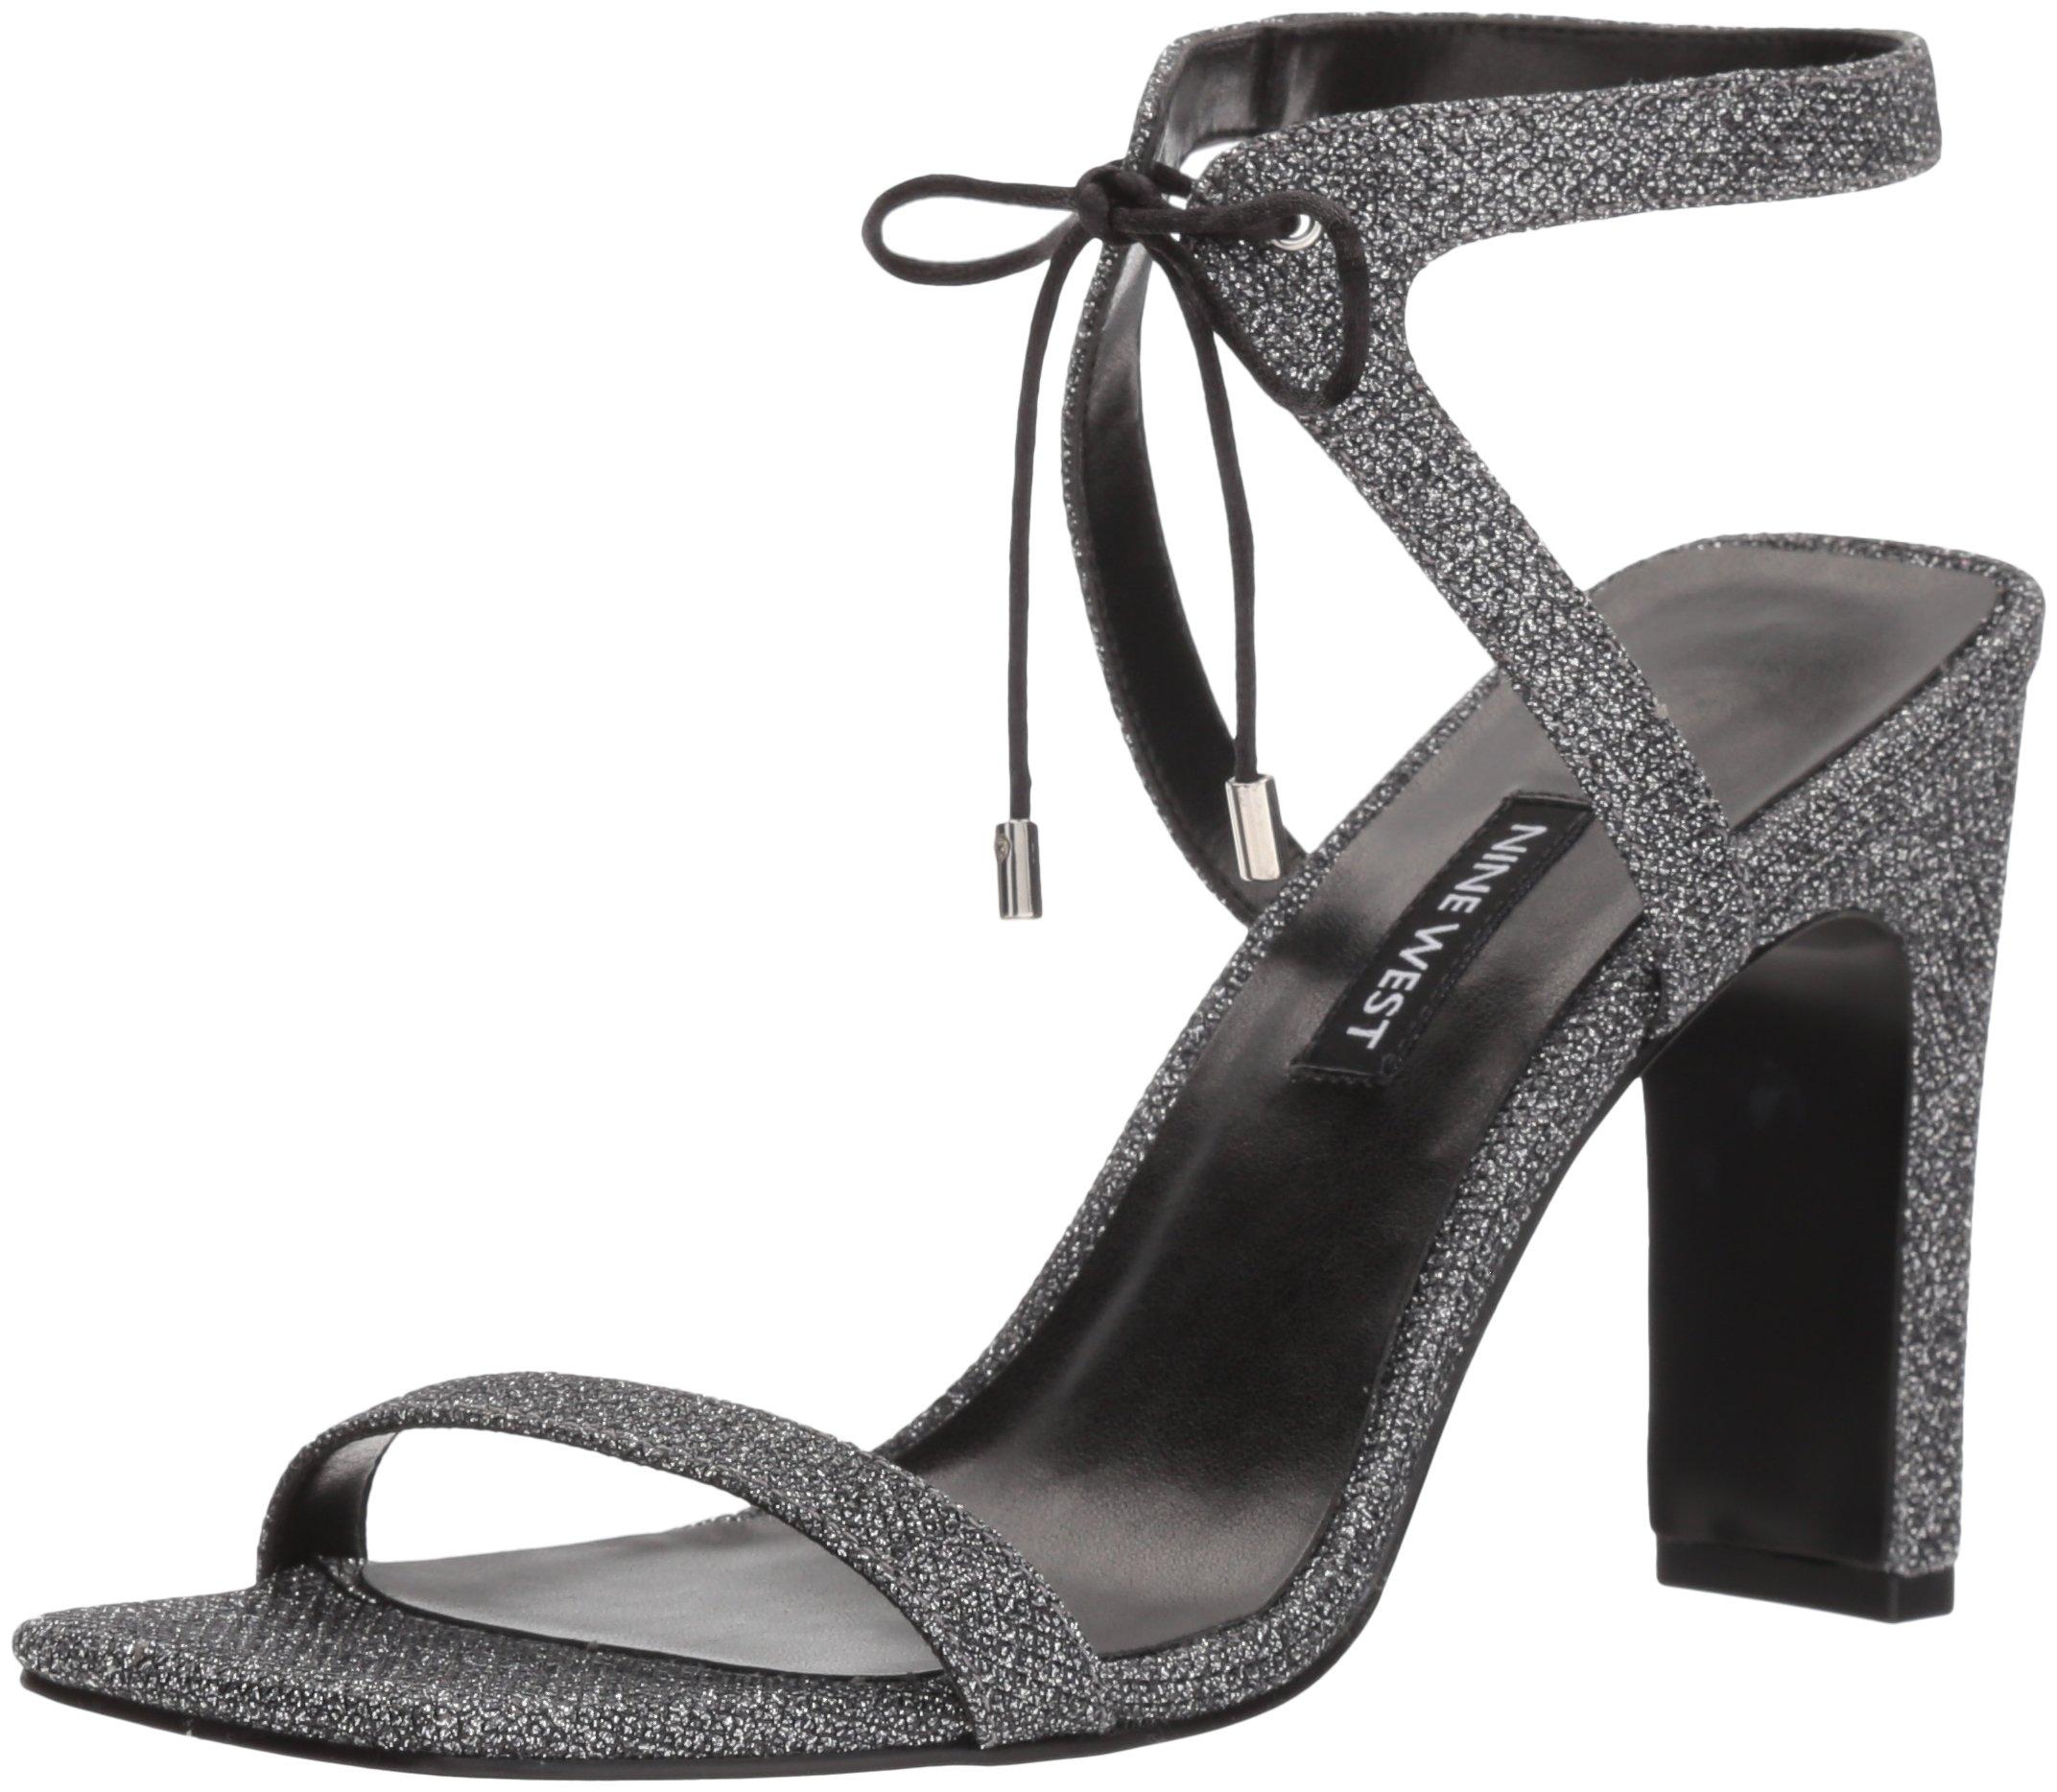 NINE WEST Women's Longitano Heeled Sandal